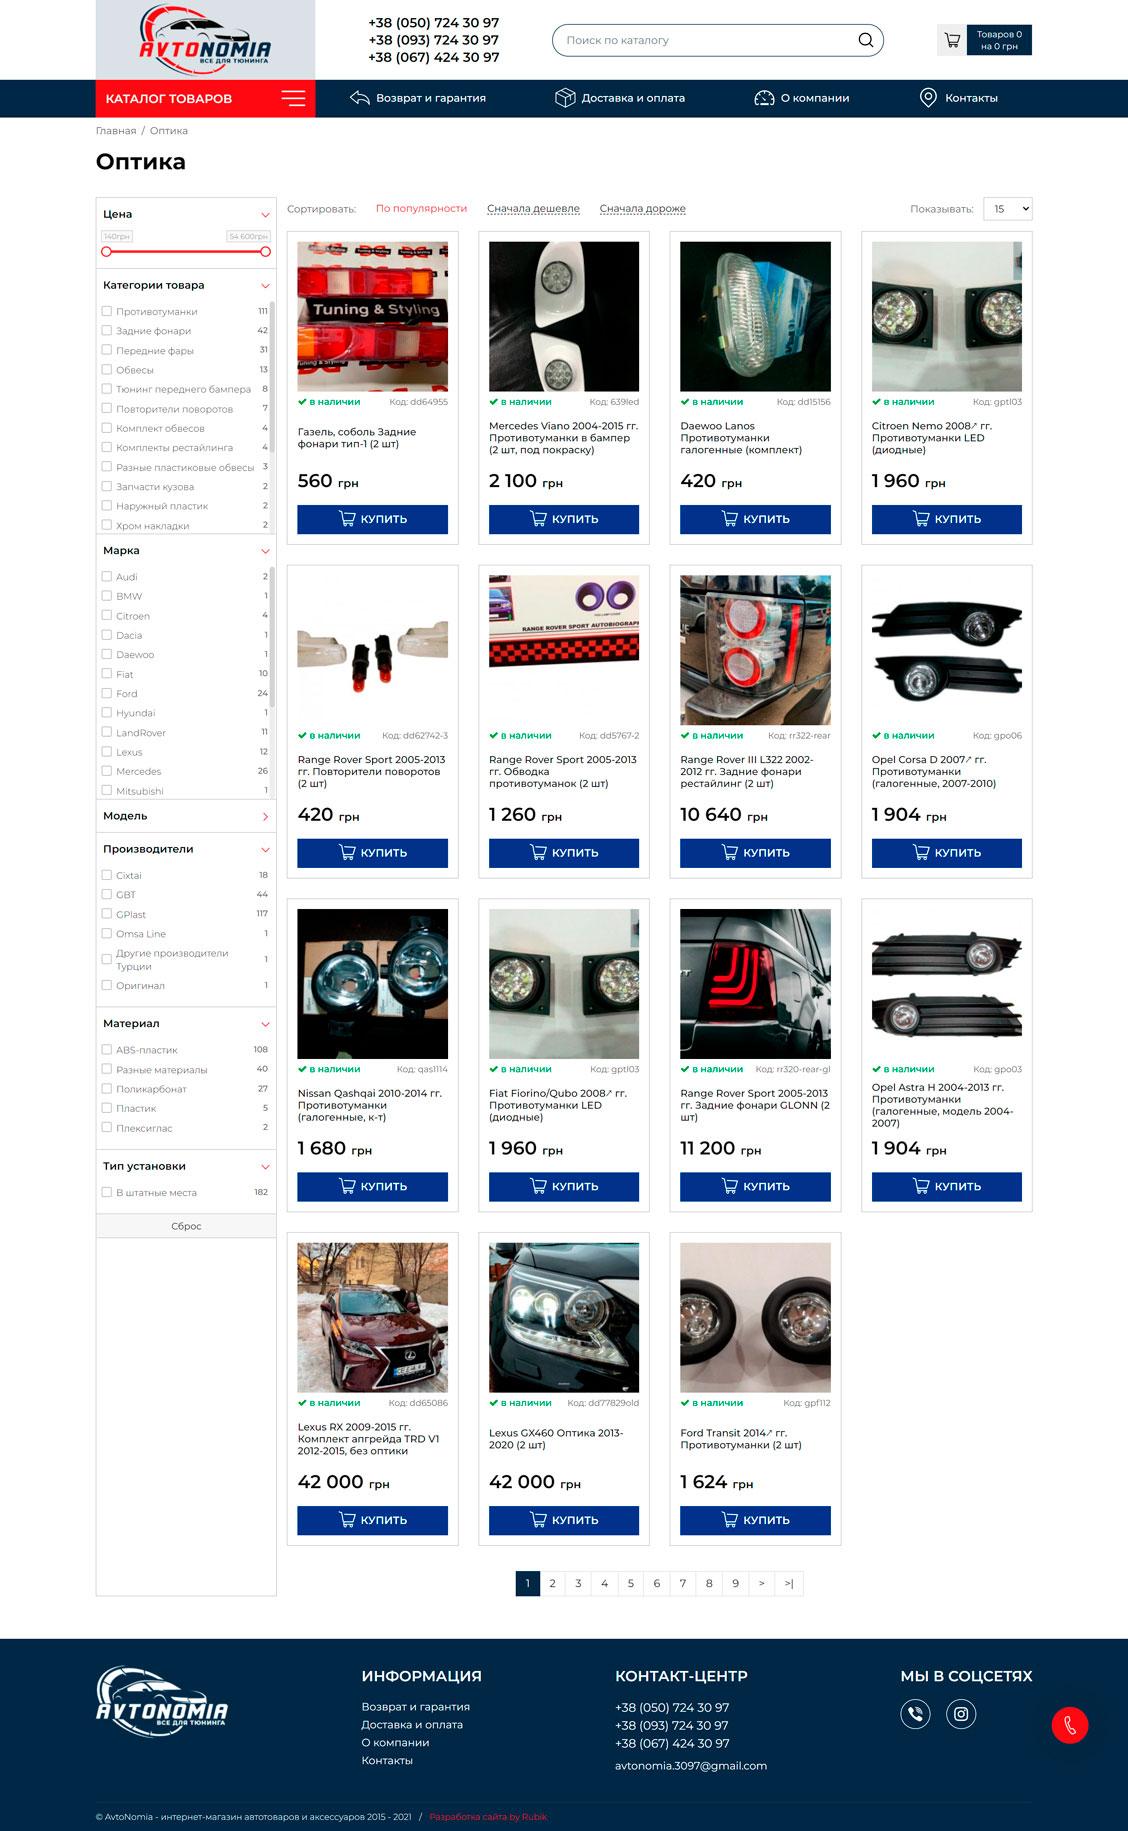 Категорія товарів з фільтром AvtoNomia